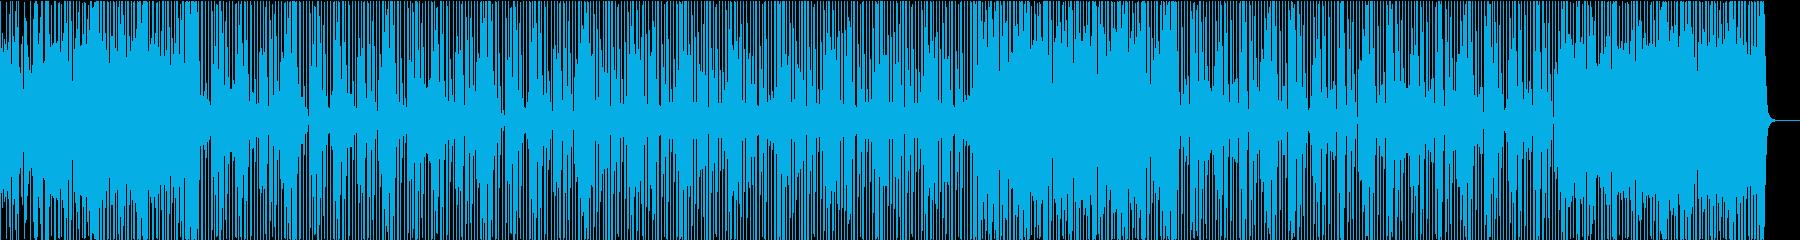 都会をイメージしたCitypopの再生済みの波形